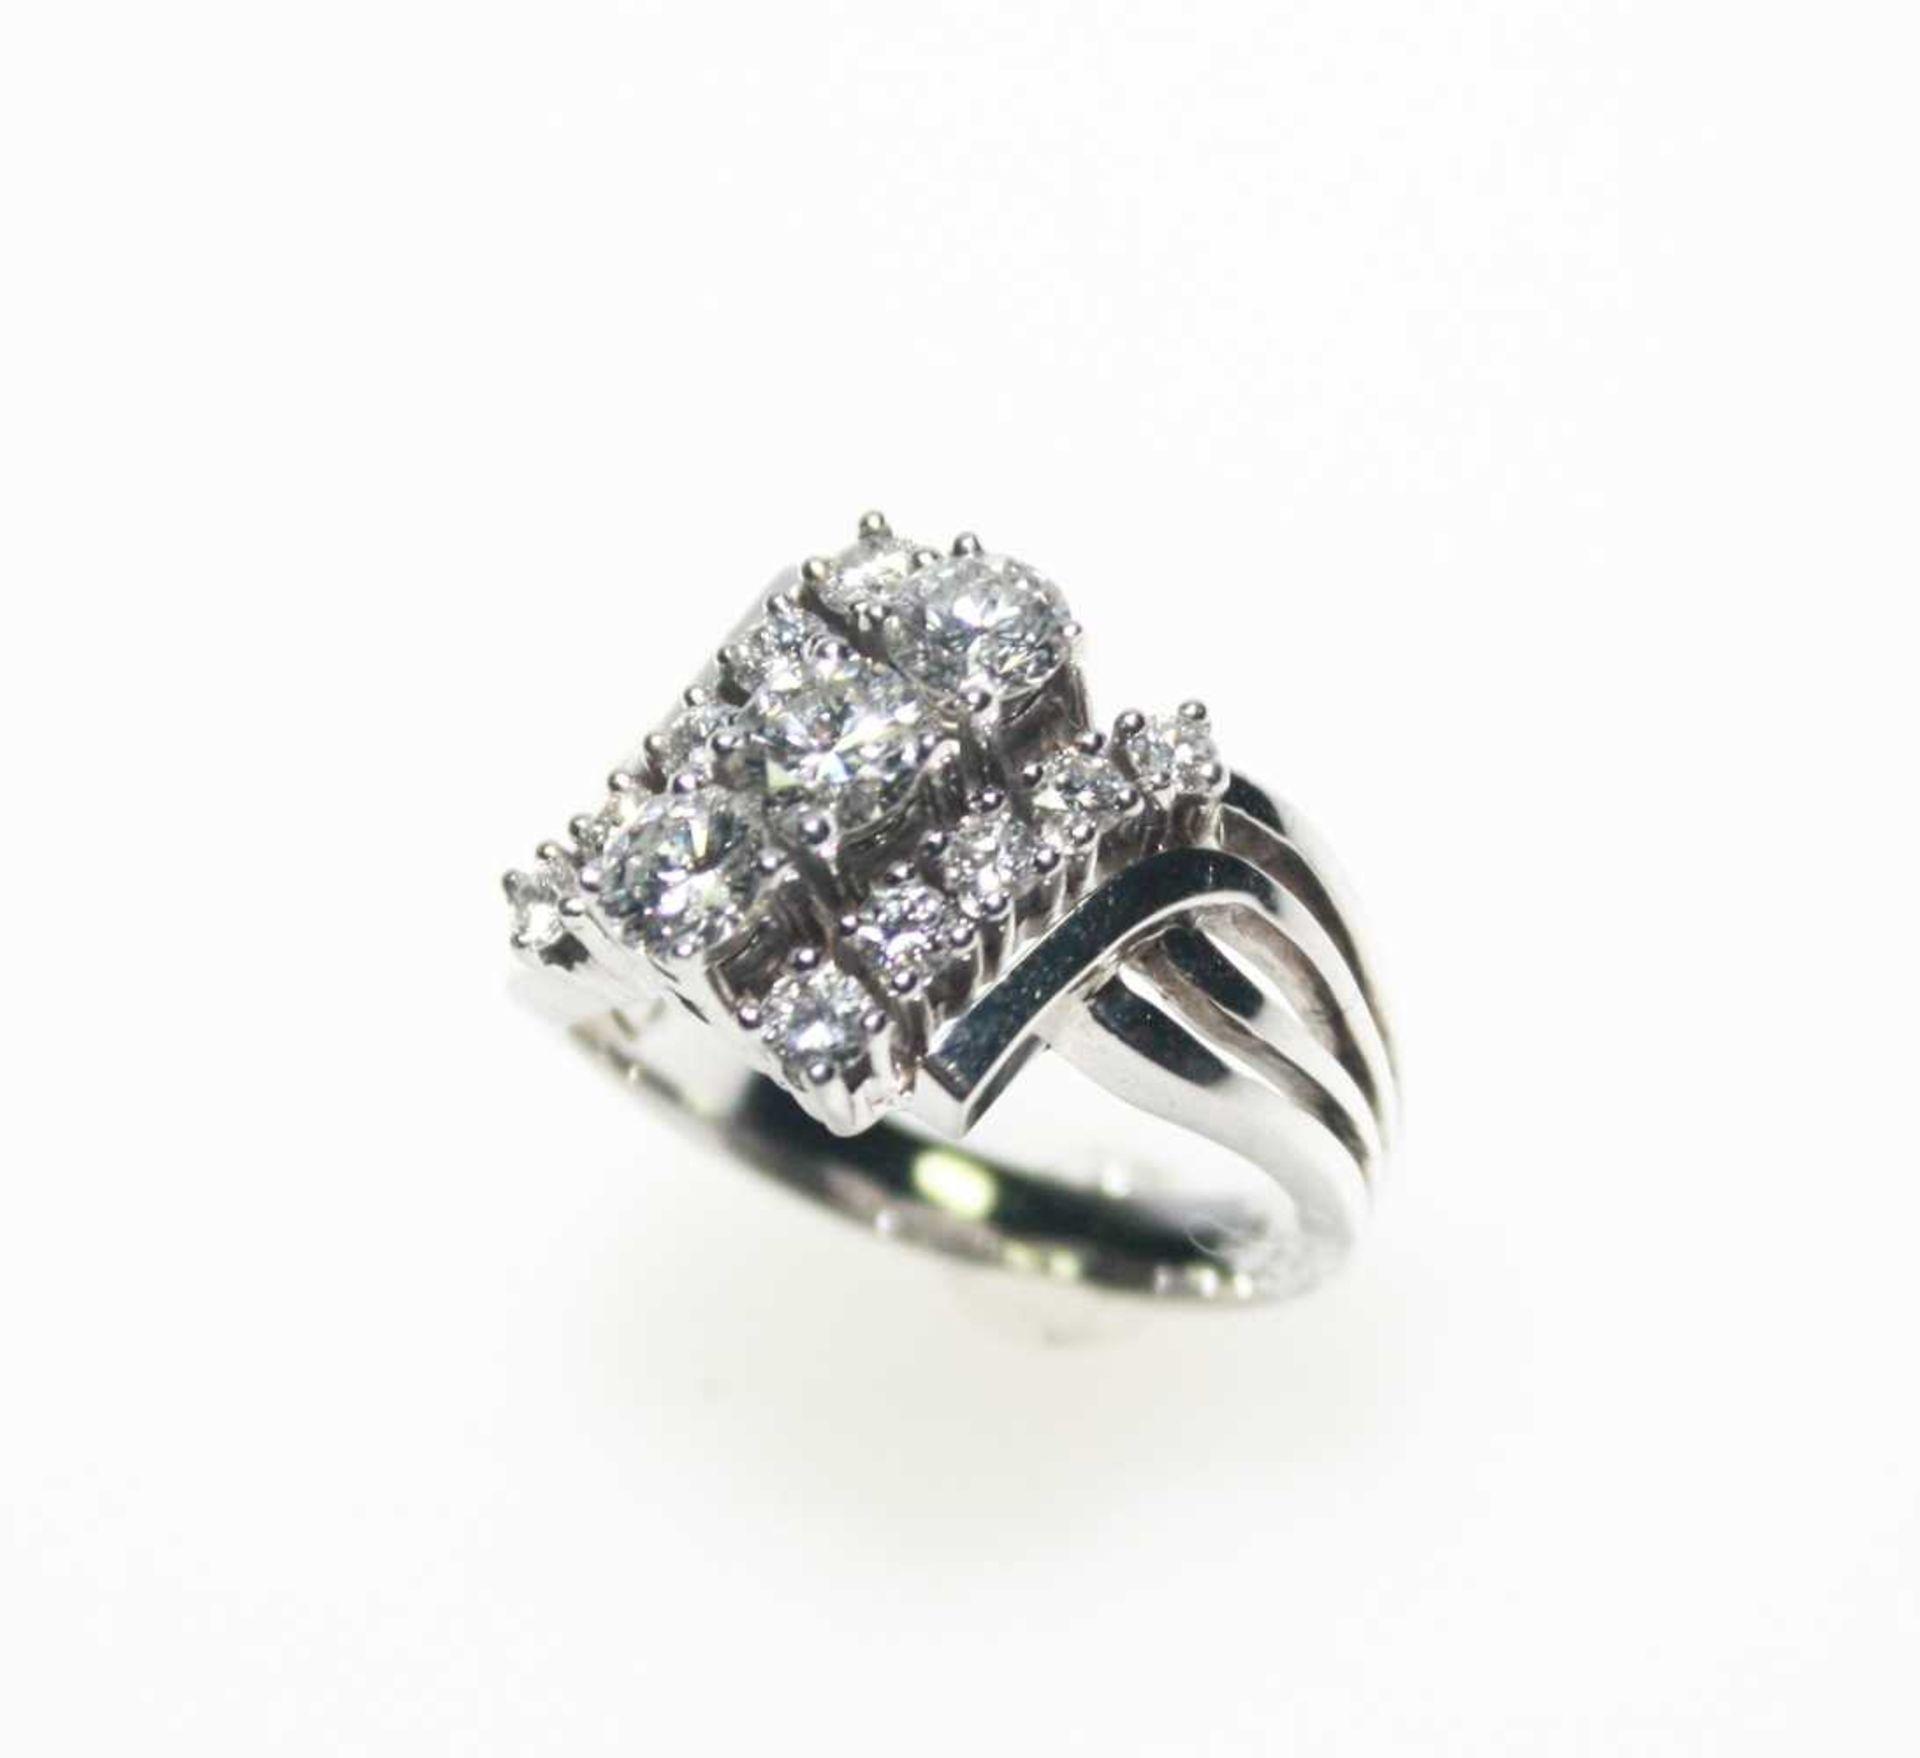 Weißgoldring 750/f gest., quer gestellt drei Diamanten in Brillantschliff zus. ca. 0,90 ct, seitlich